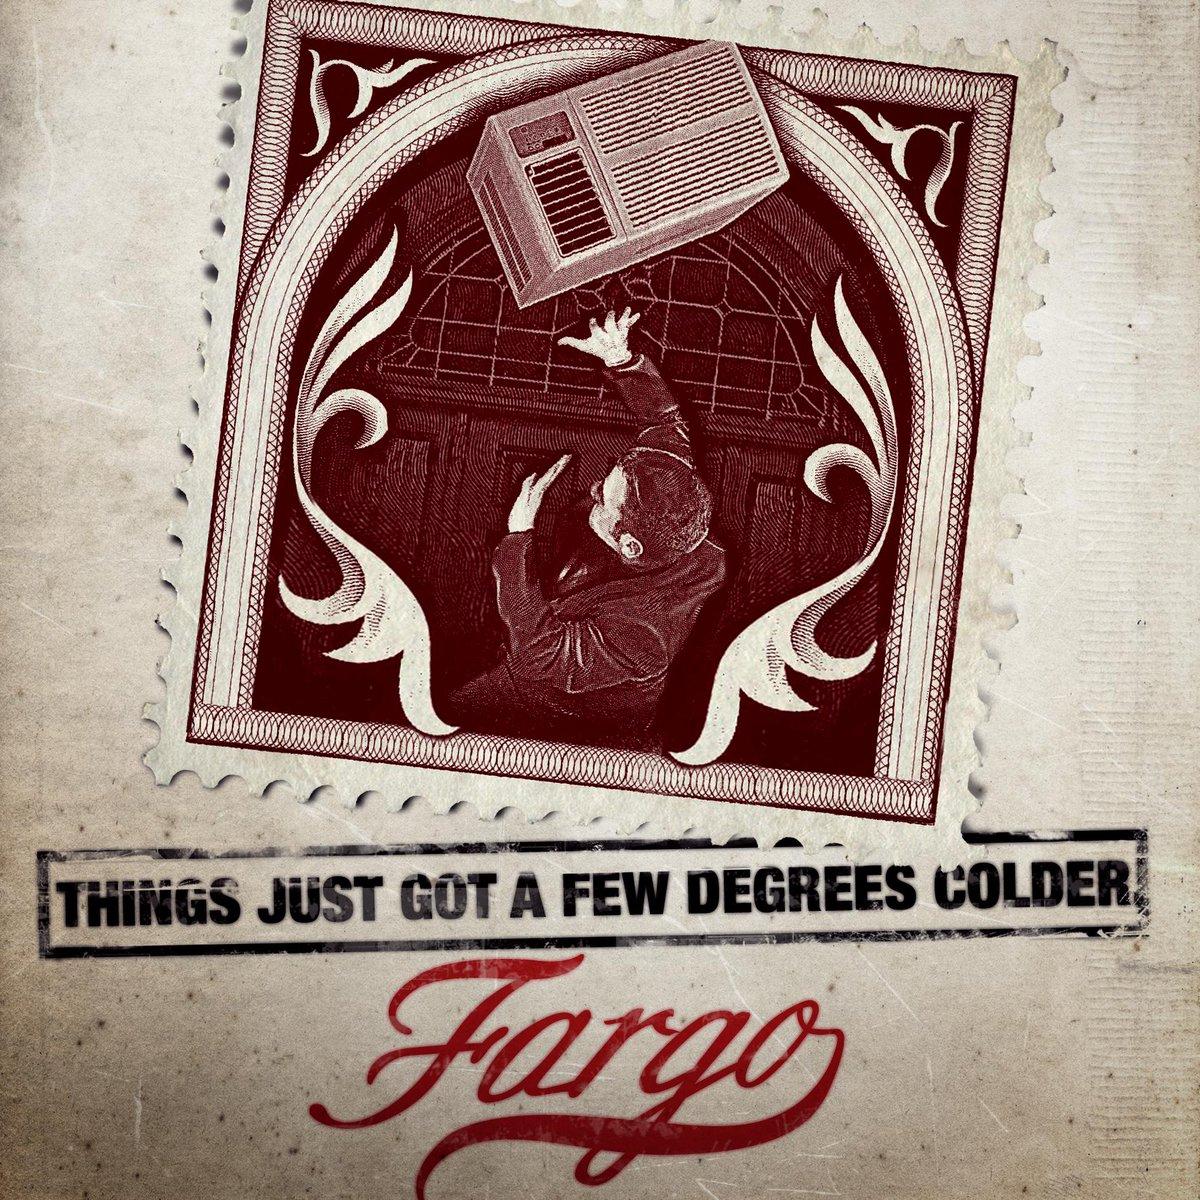 Death by major appliance. #Fargo